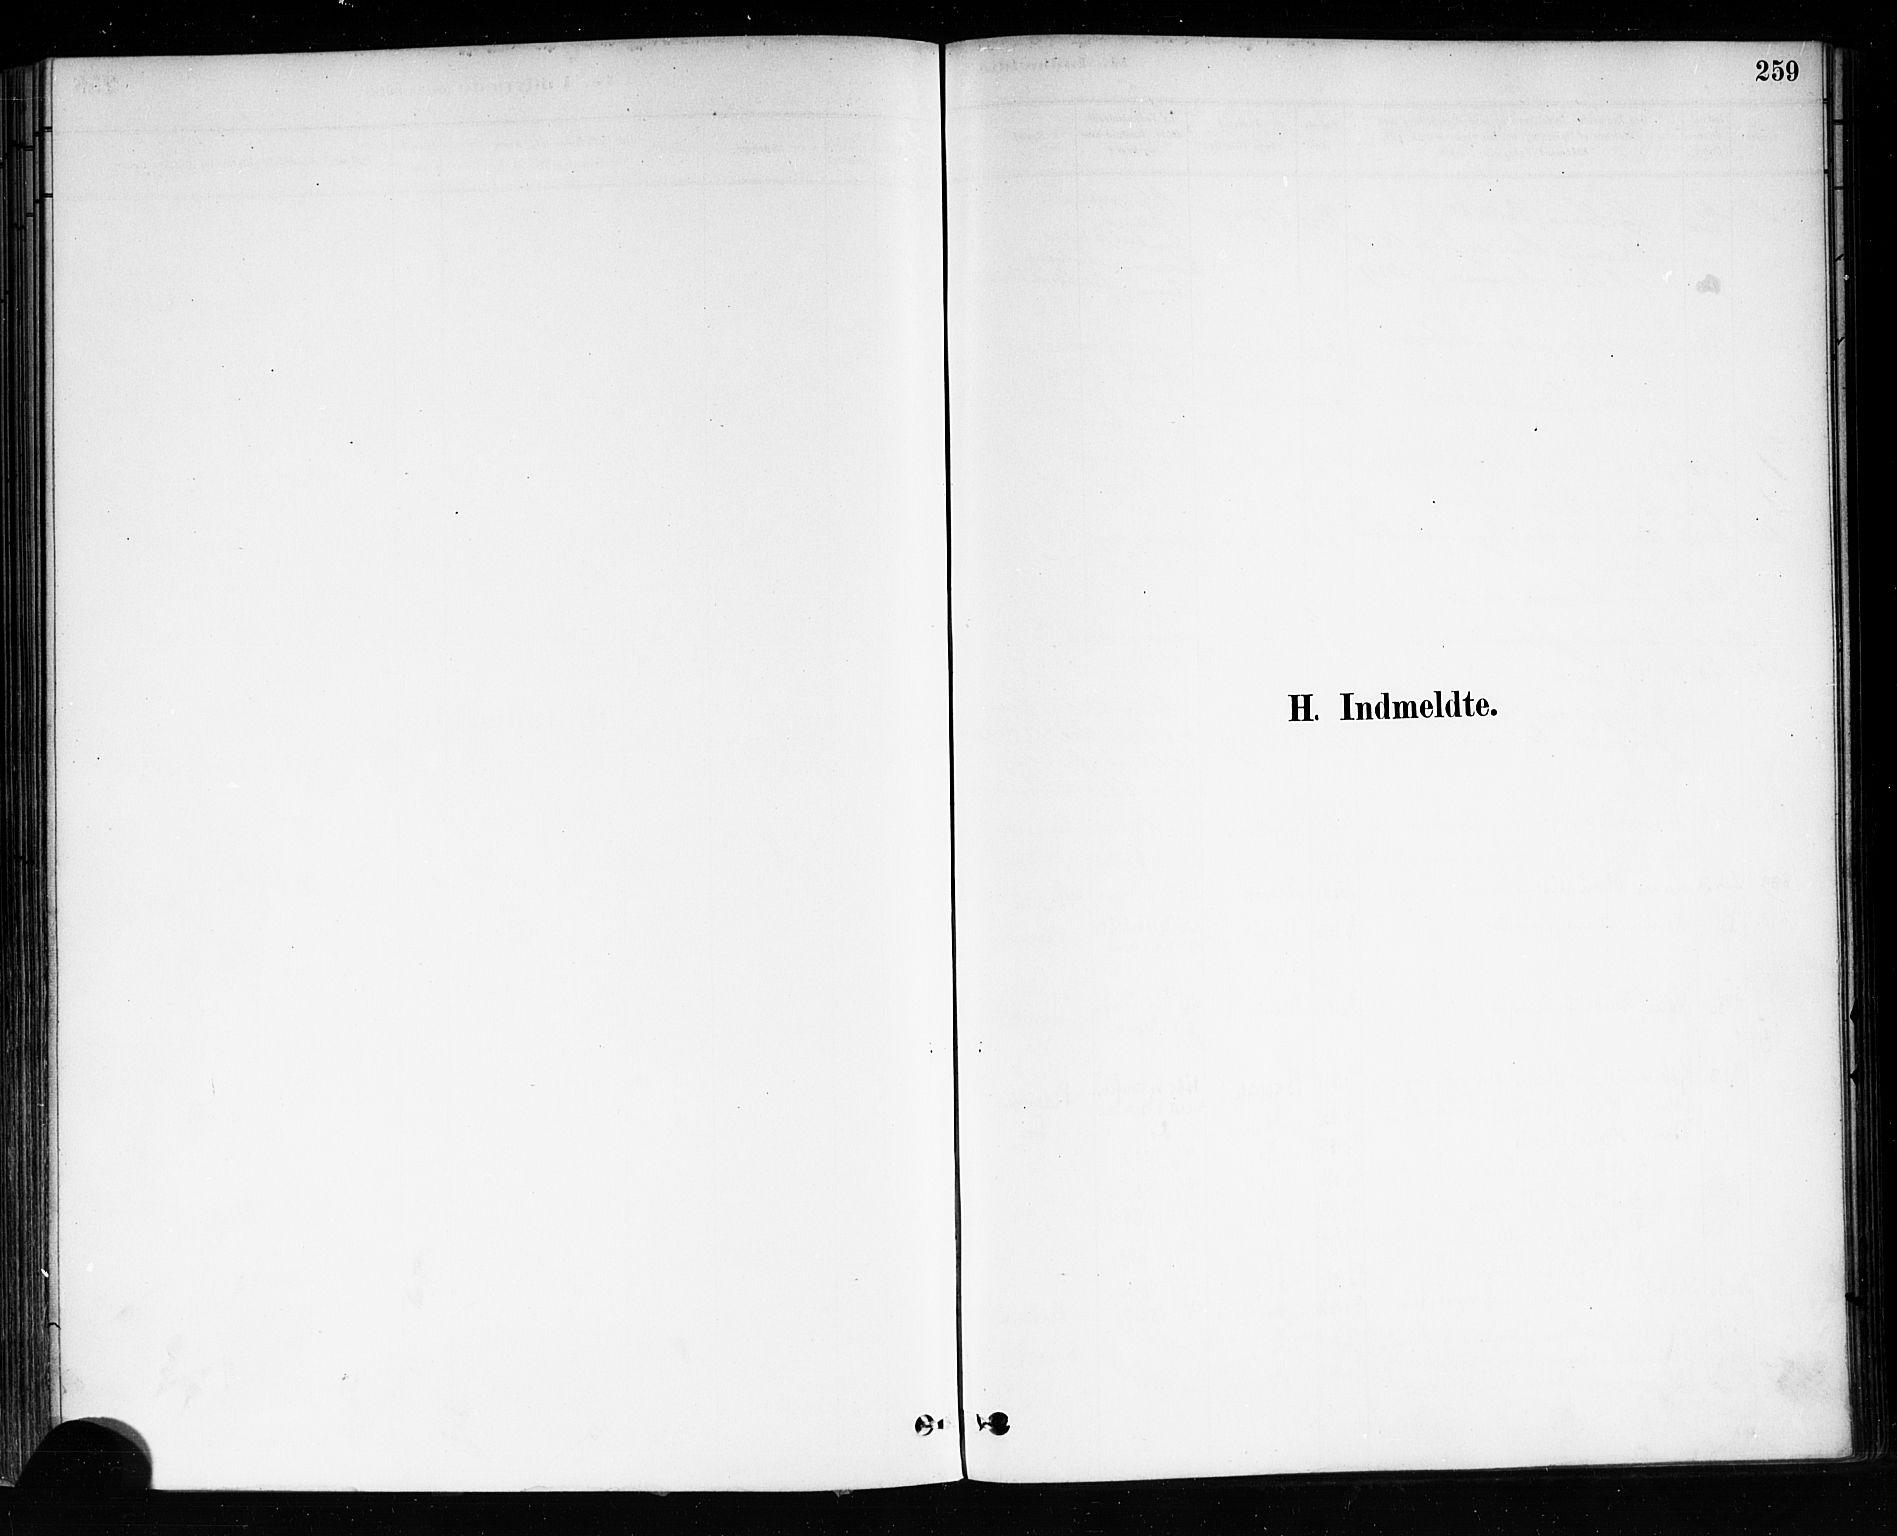 SAKO, Brevik kirkebøker, F/Fa/L0007: Ministerialbok nr. 7, 1882-1900, s. 259